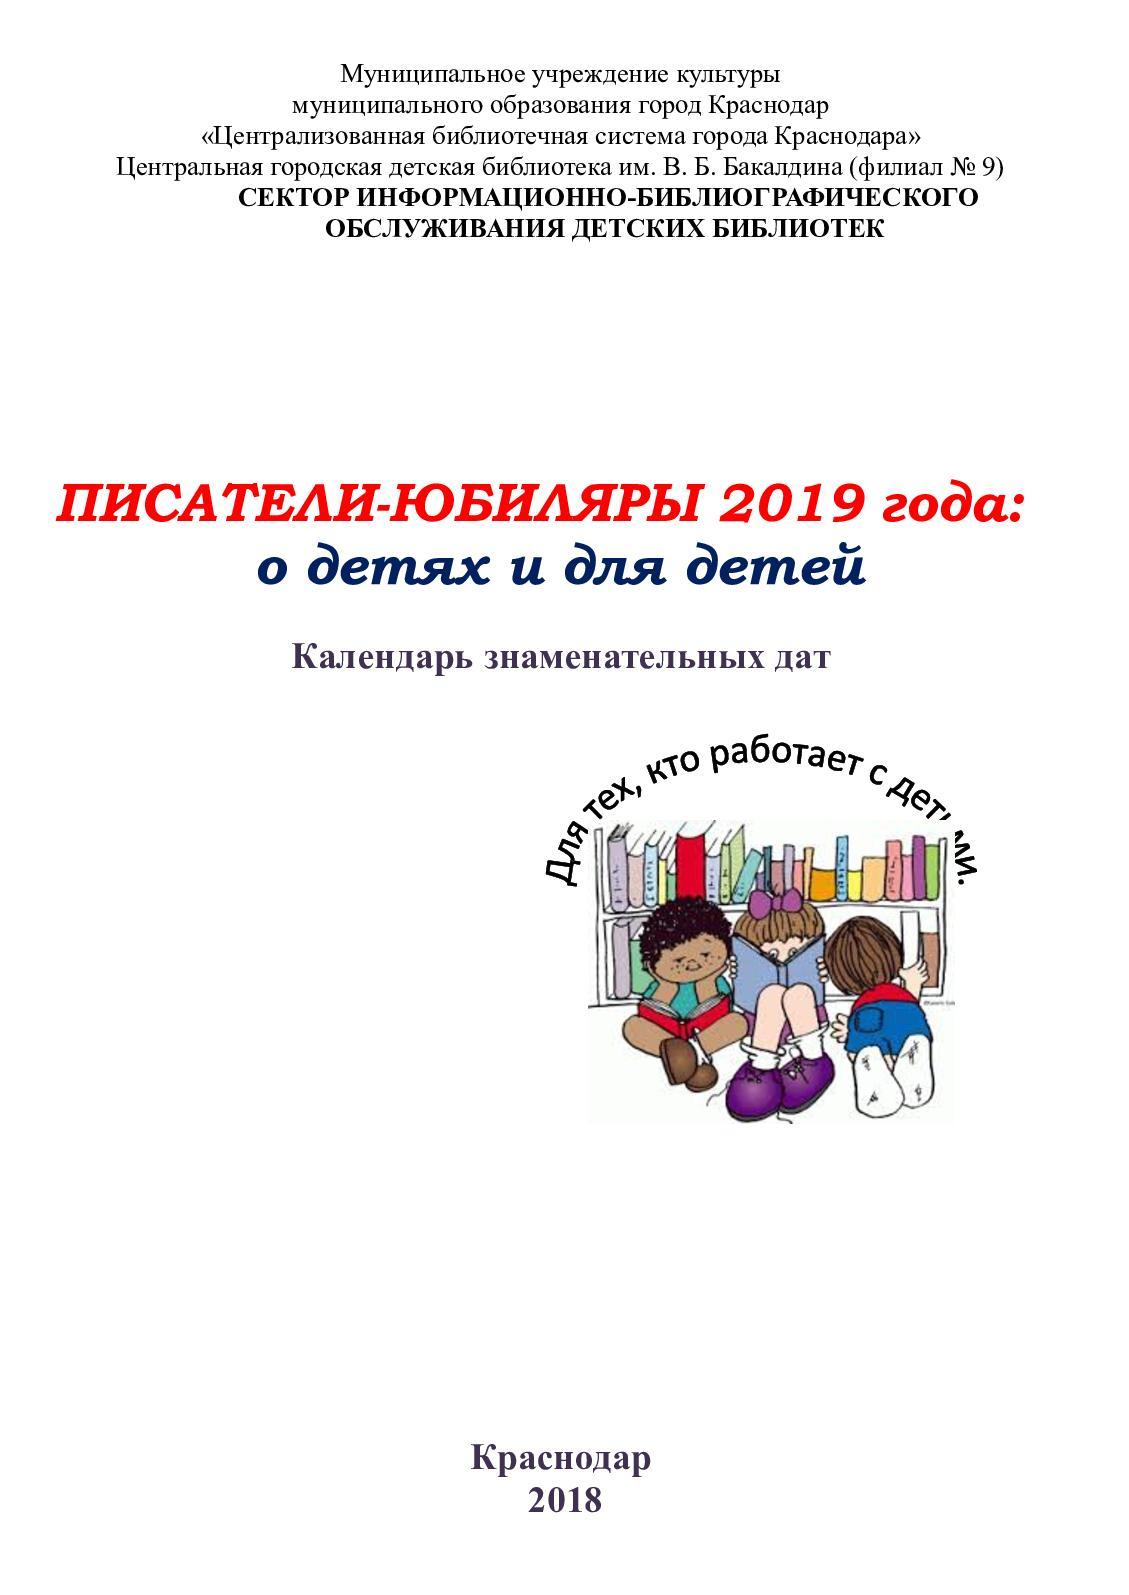 Смотреть Отдых в Крыму 2019. Санатории и пансионаты, все включено, частный сектор видео